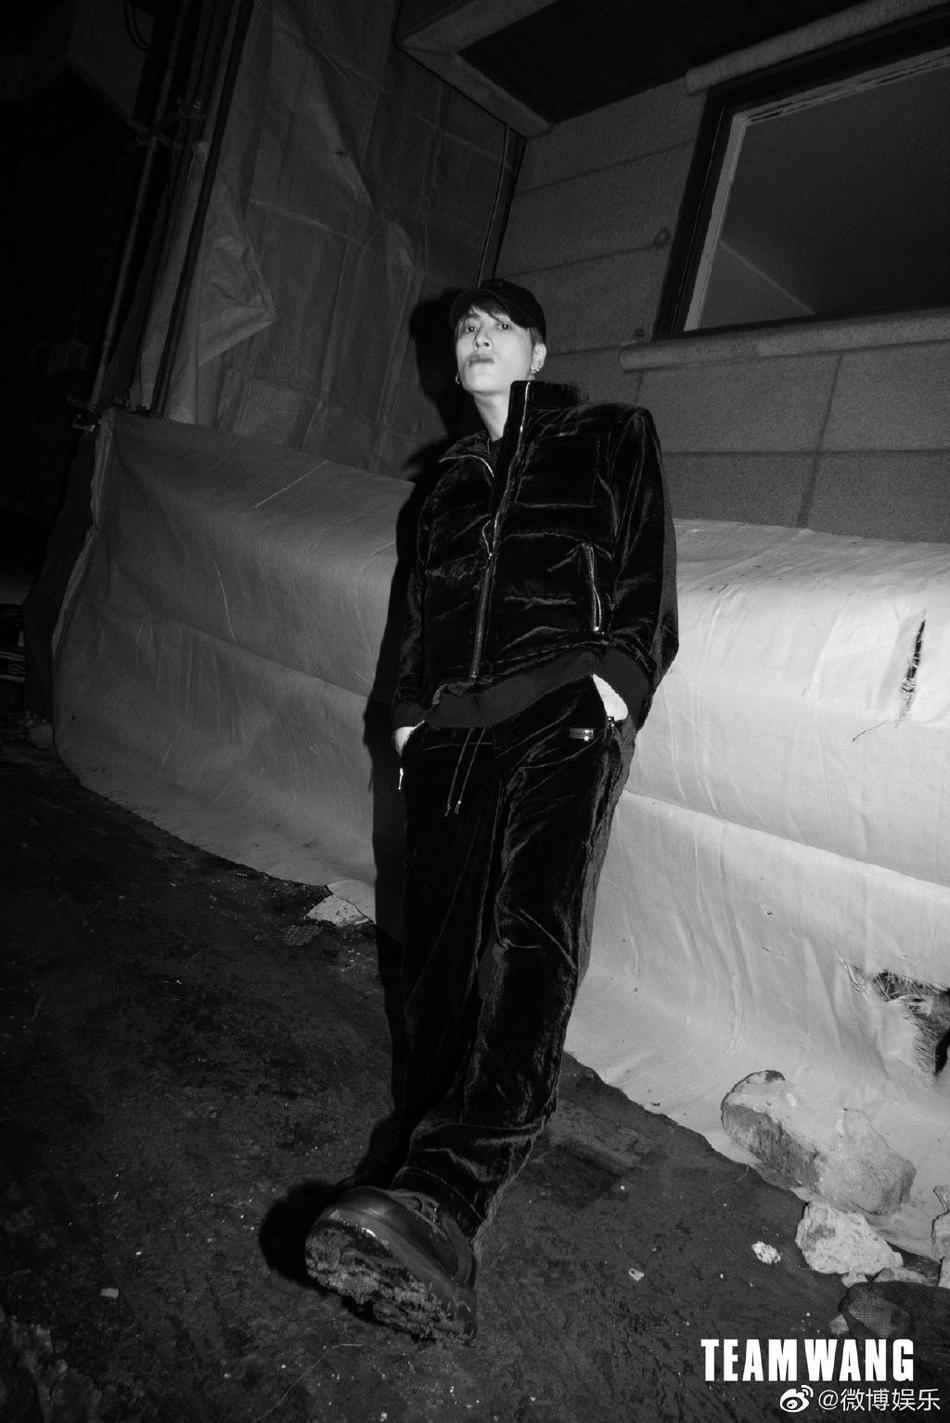 组图:王嘉尔雪地黑白大片释出 黑丝绒套装搭配多种帽子时尚个性